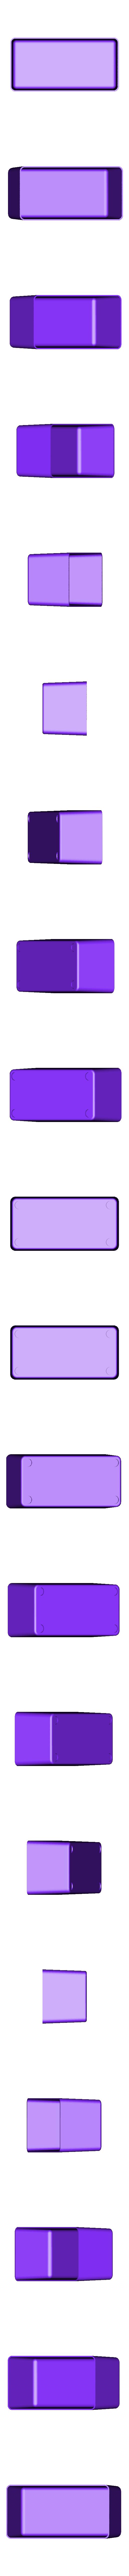 1-2__V1.stl Download STL file Allit Europlus organizer boxes • 3D printable model, baracuda86